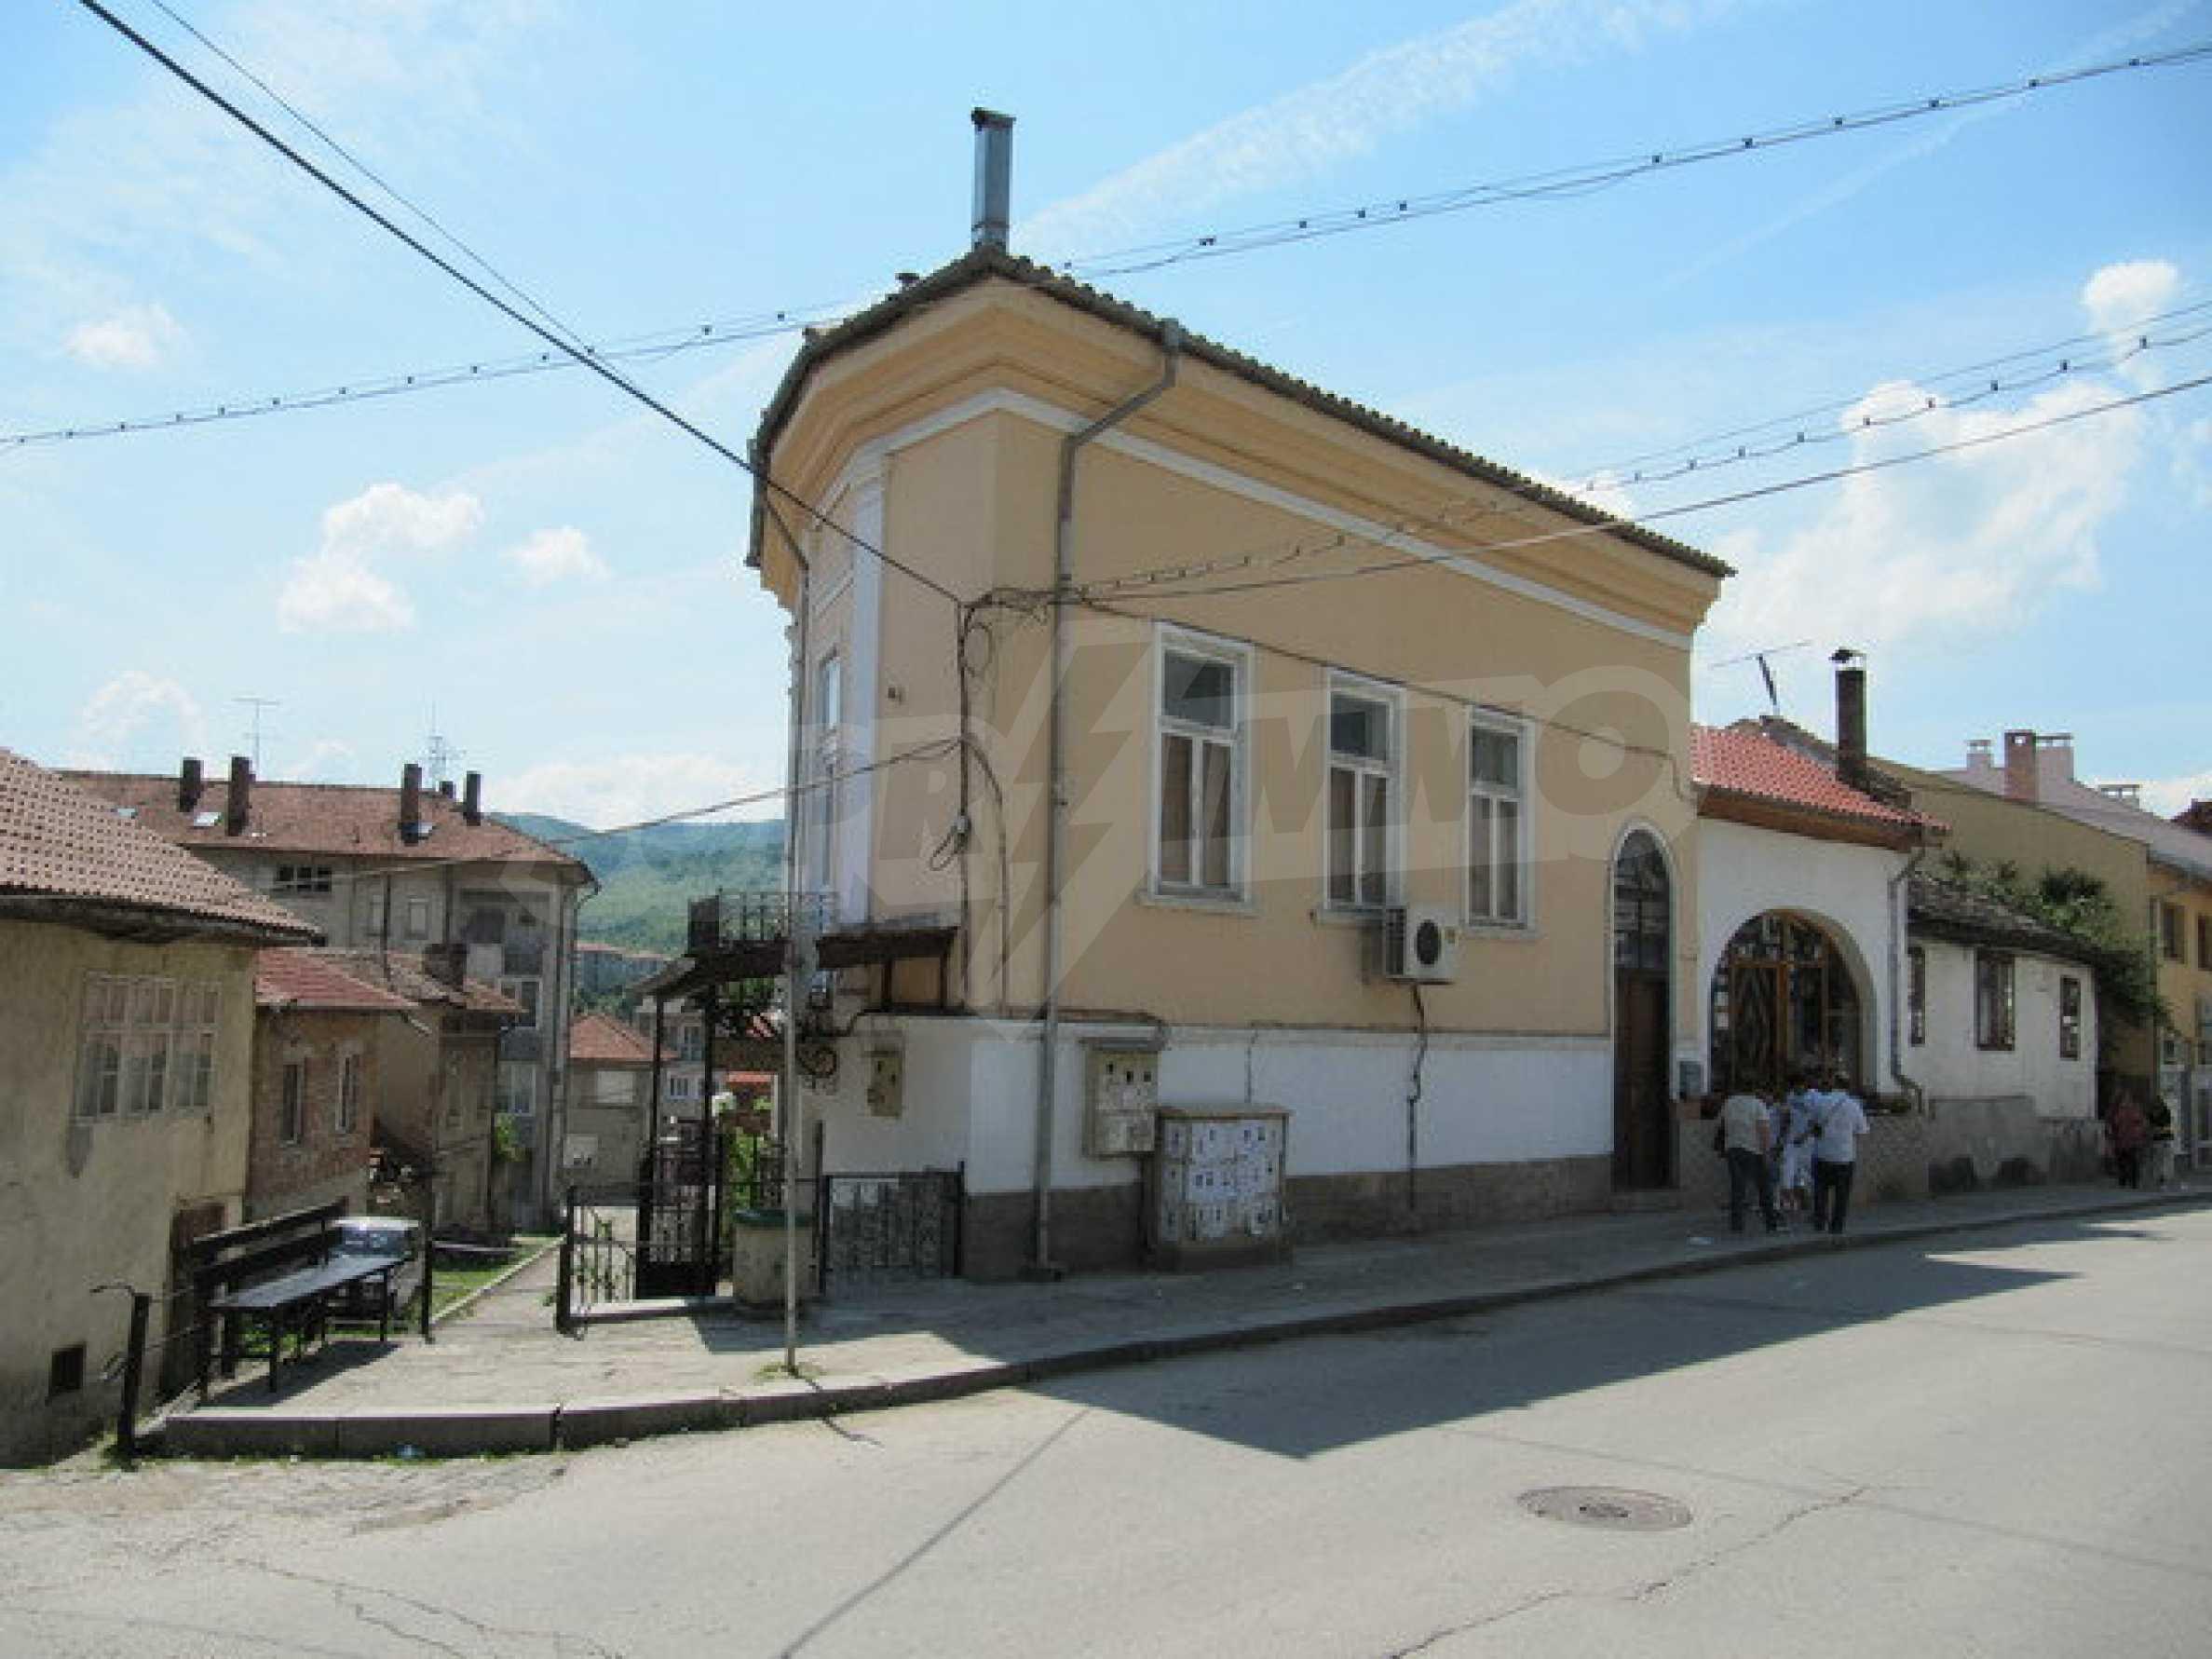 Дом с цветочным магазином и кафе в городе Дряново 2